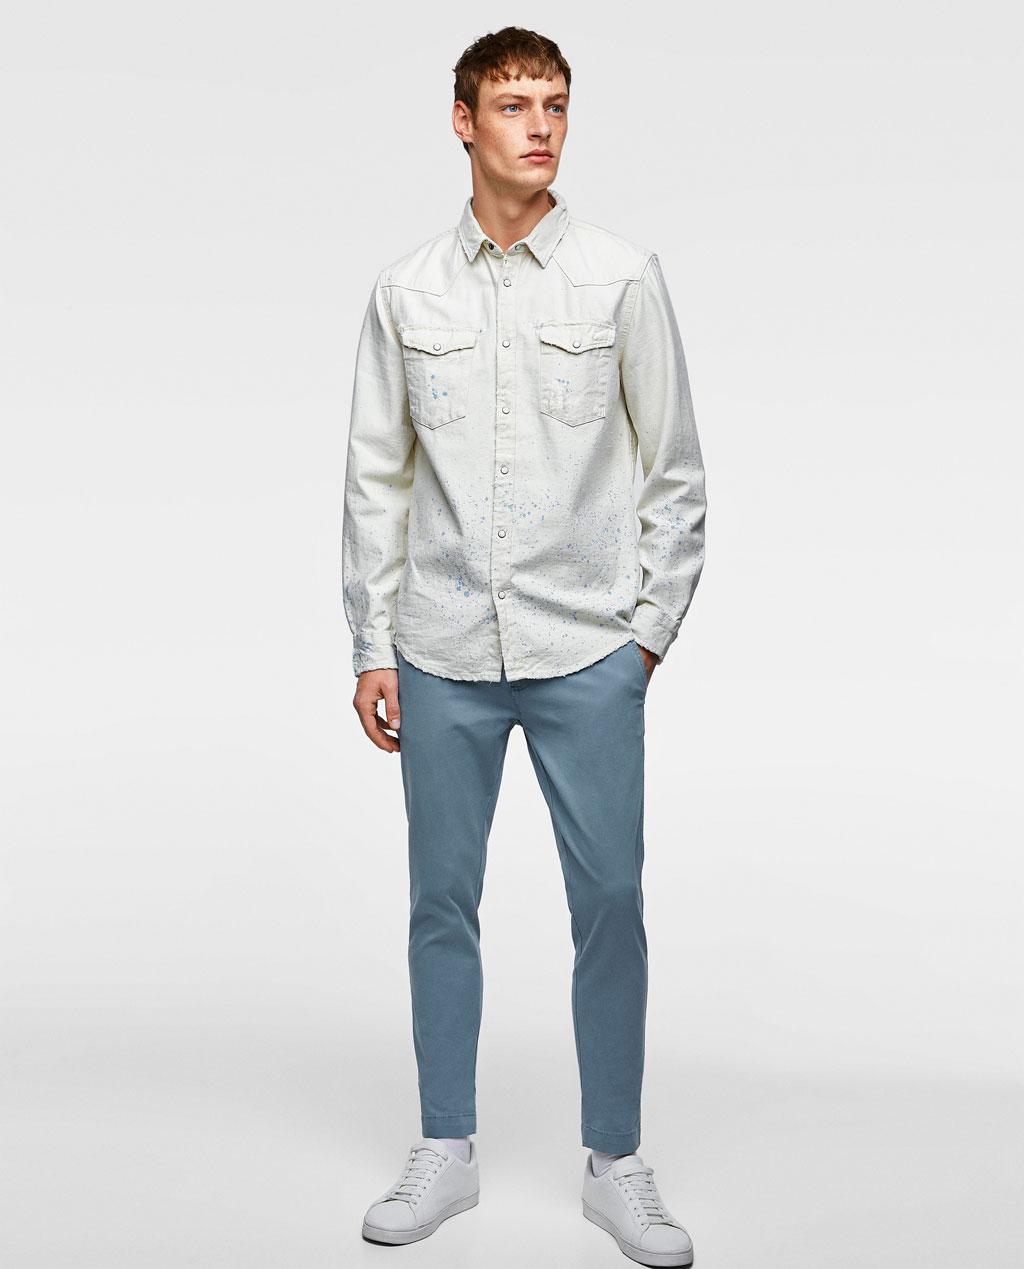 Thời trang nam Zara  23968 - ảnh 3